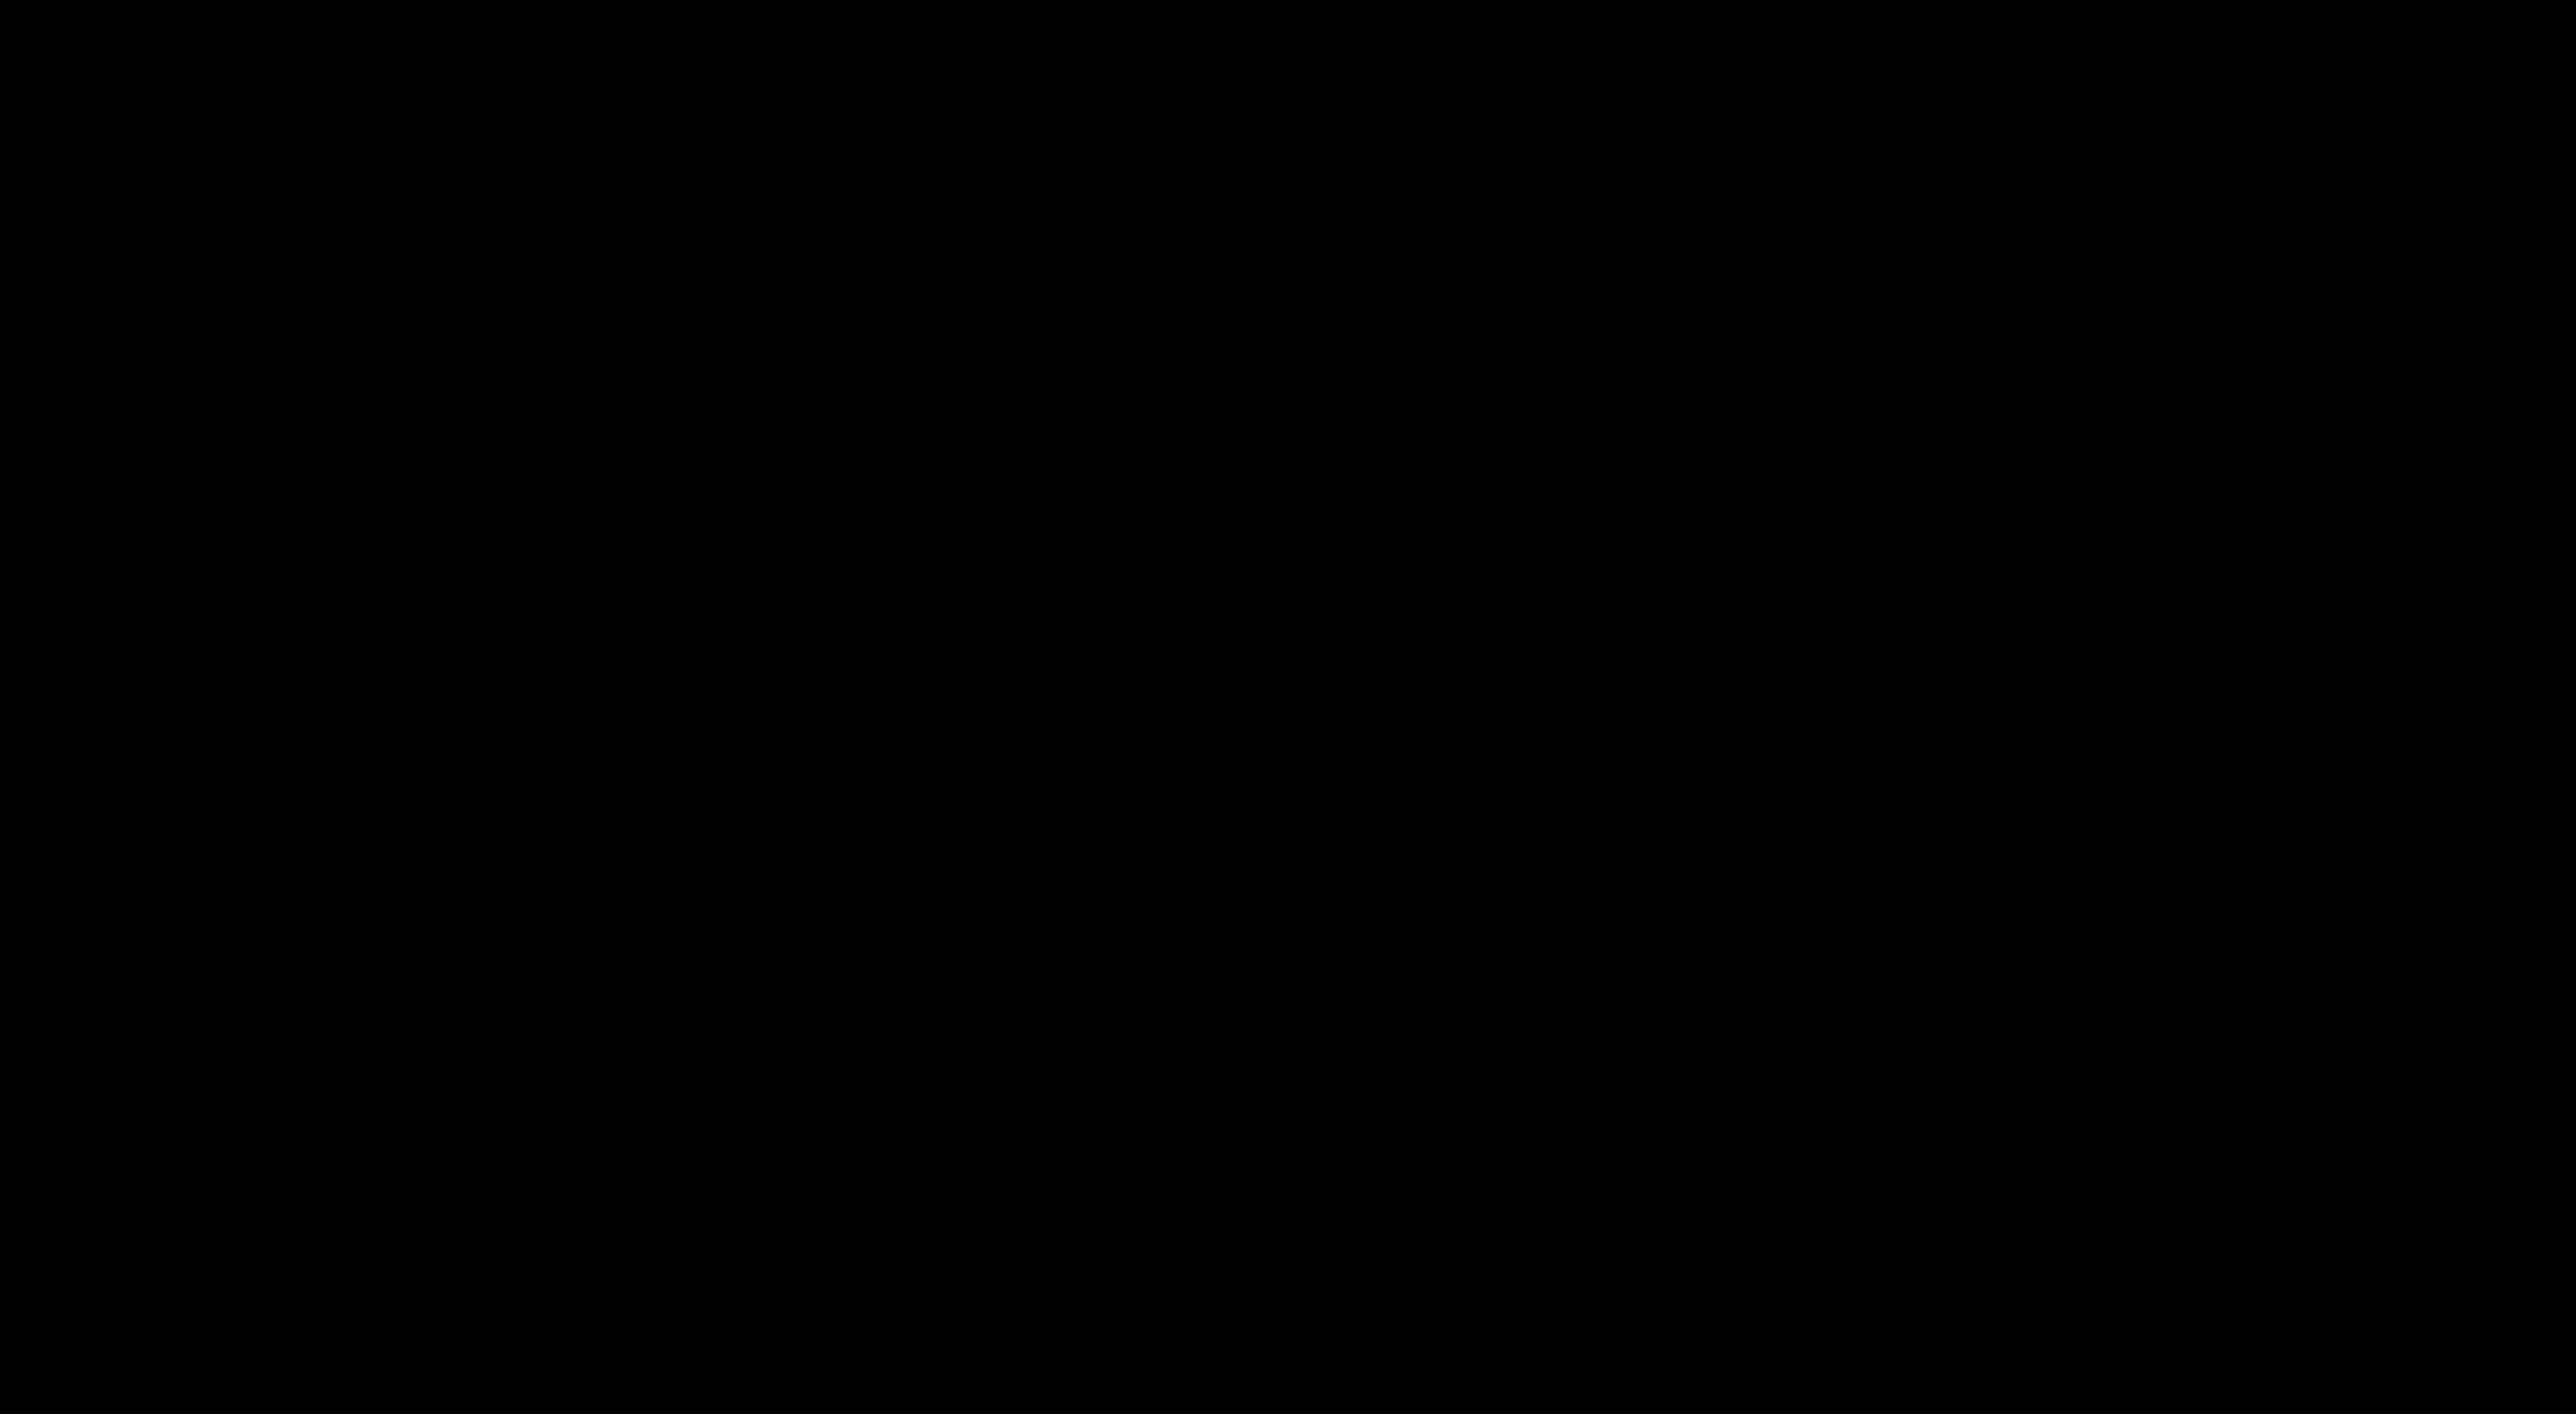 Gogeta Ssj3 Para Colorear: Dibujos De Gogeta Ssj4